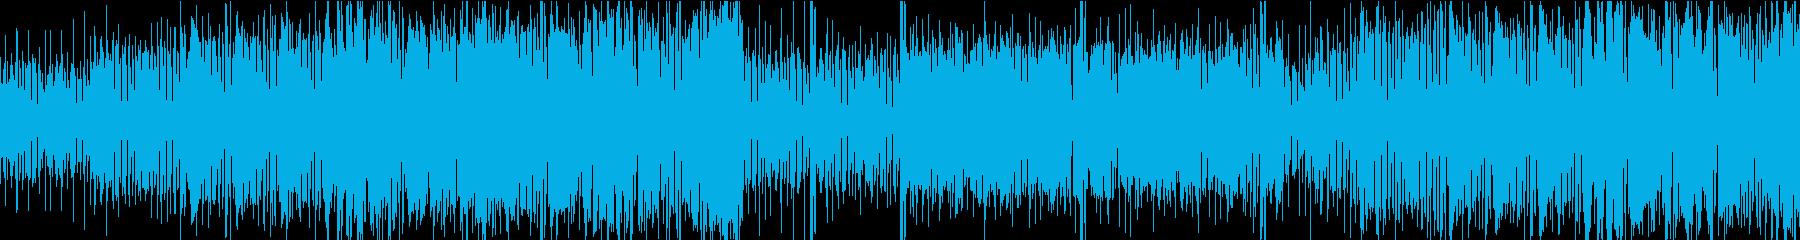 ループ仕様ファンキーなBGMの再生済みの波形